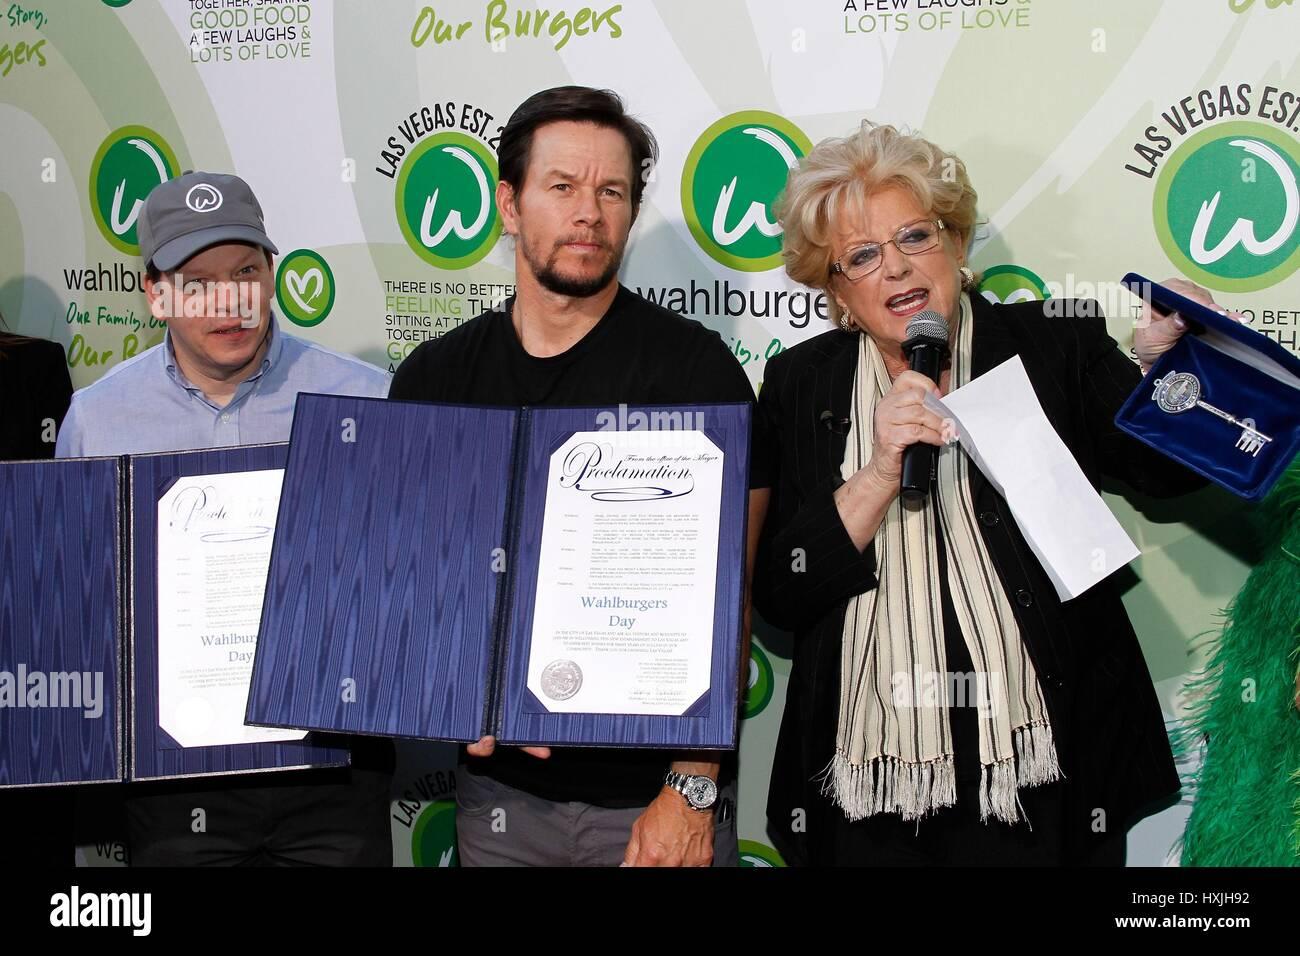 Las Vegas, NV, EE.UU.. 28 Mar, 2017. Paul Wahlberg, Mark Wahlberg, Caroline Goodman (Alcalde de Las Vegas), con Imagen De Stock